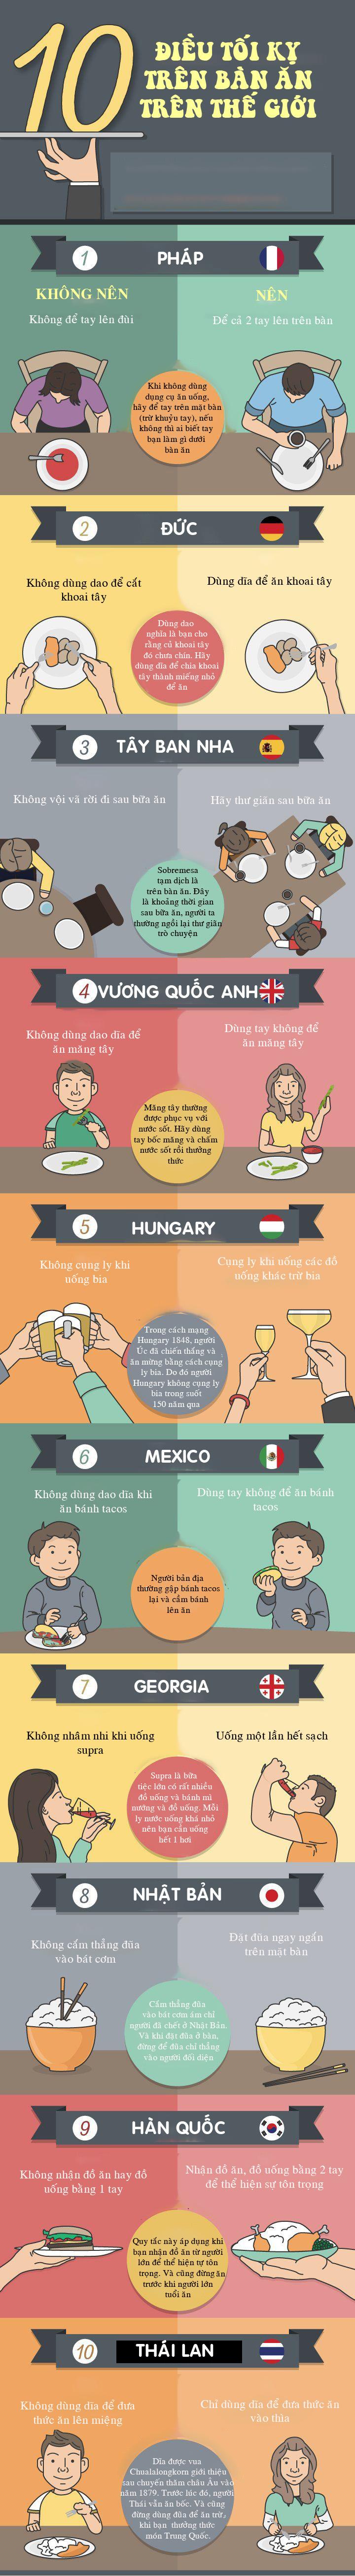 10 điều cấm kỵ đáng ngạc nhiên khi ăn uống tại các nước trên thế giới - 1